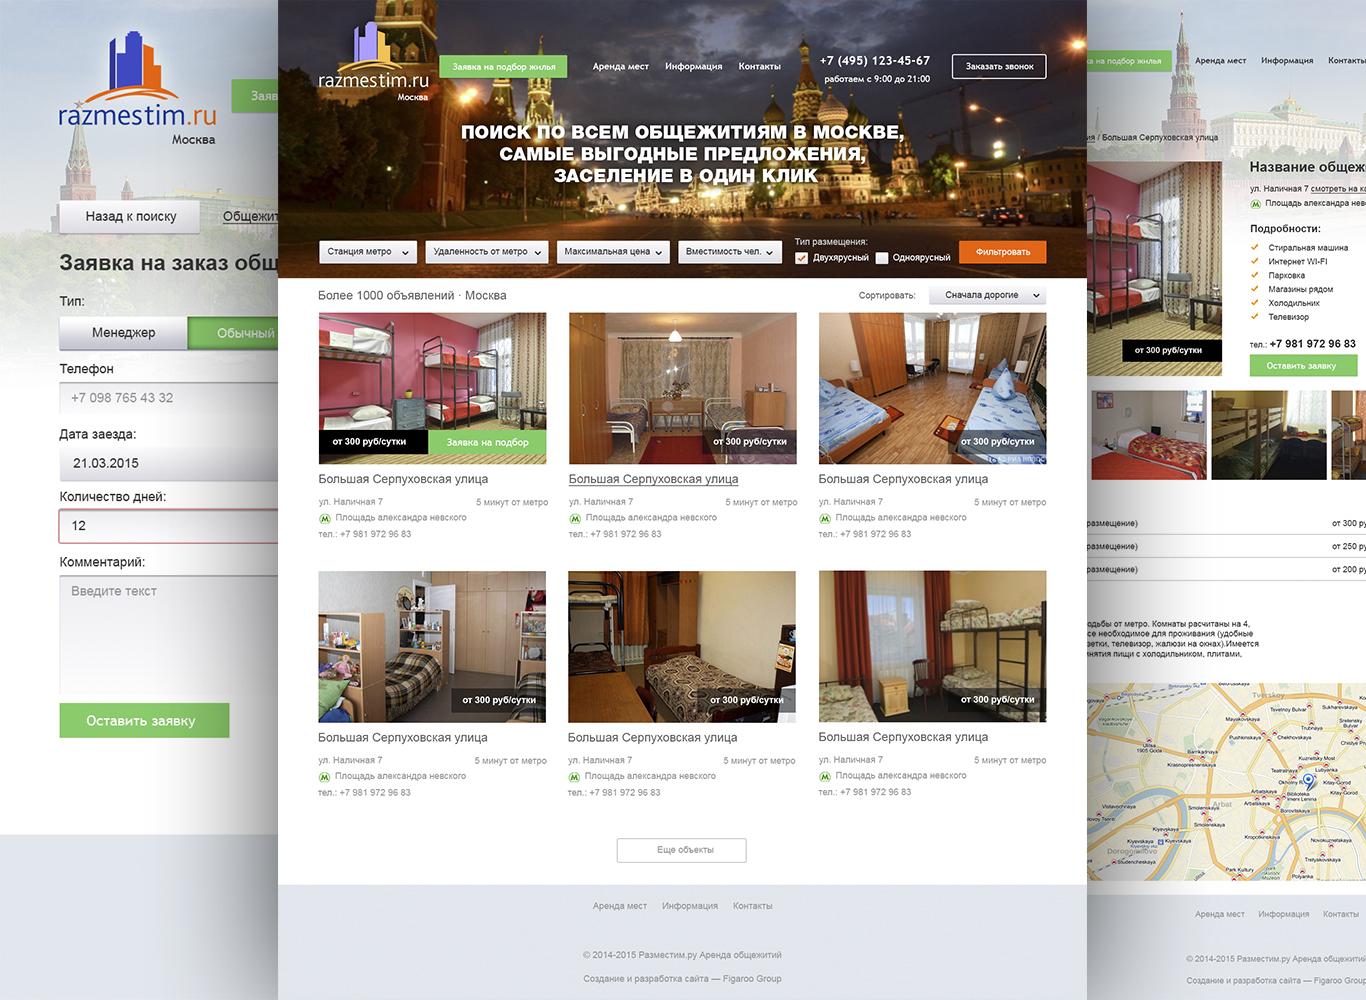 Хостелы в Москве